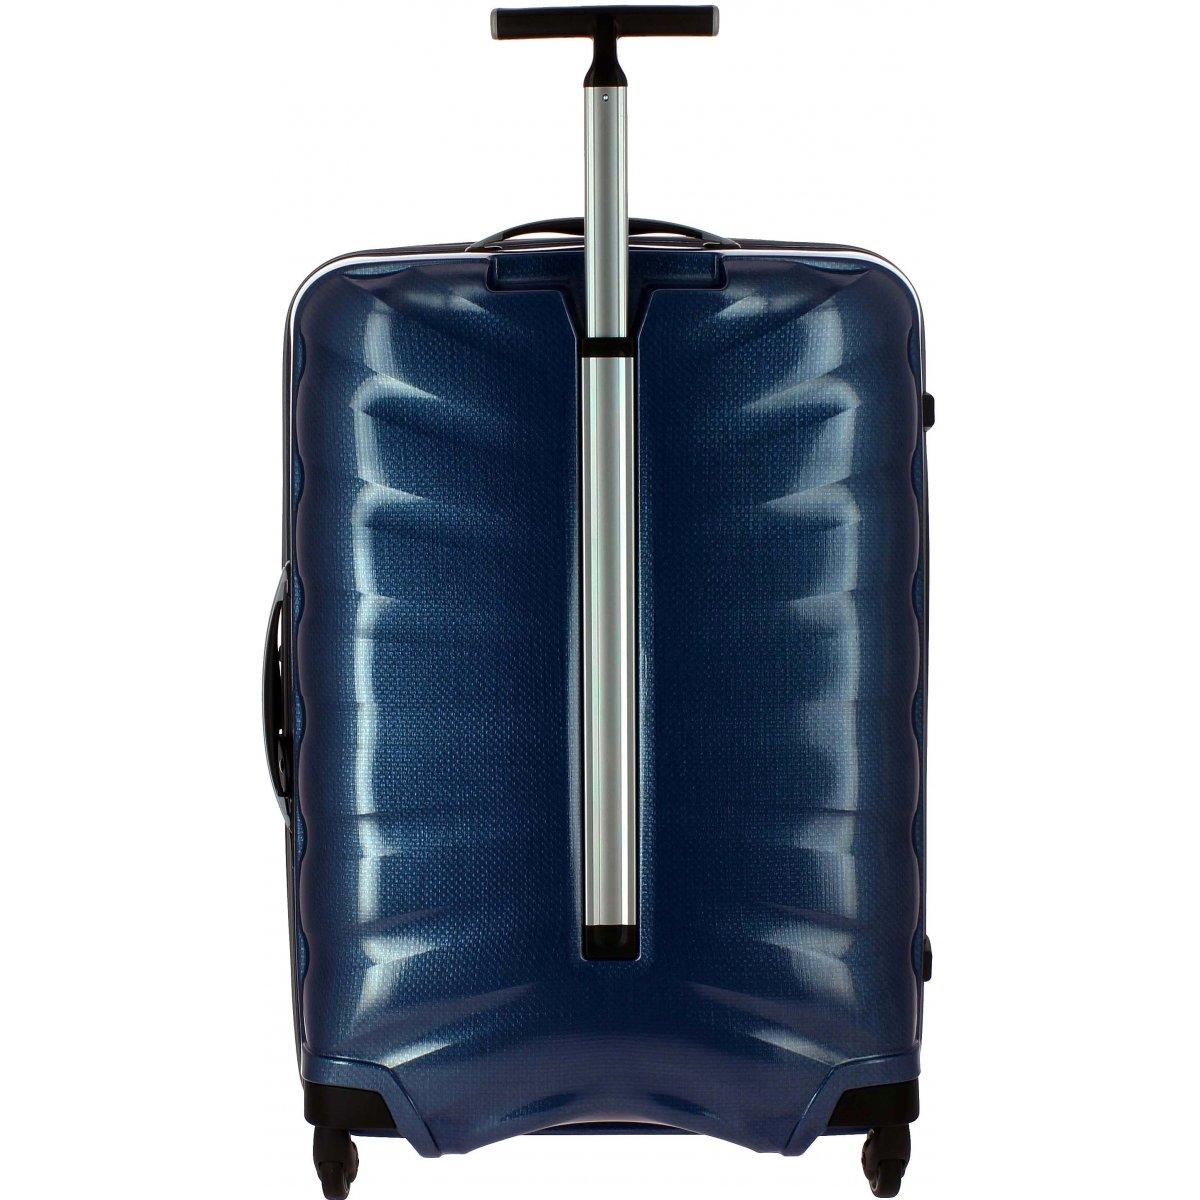 valise samsonite firelite spinner 75 cm firelite61 couleur principale dark blue promotion. Black Bedroom Furniture Sets. Home Design Ideas